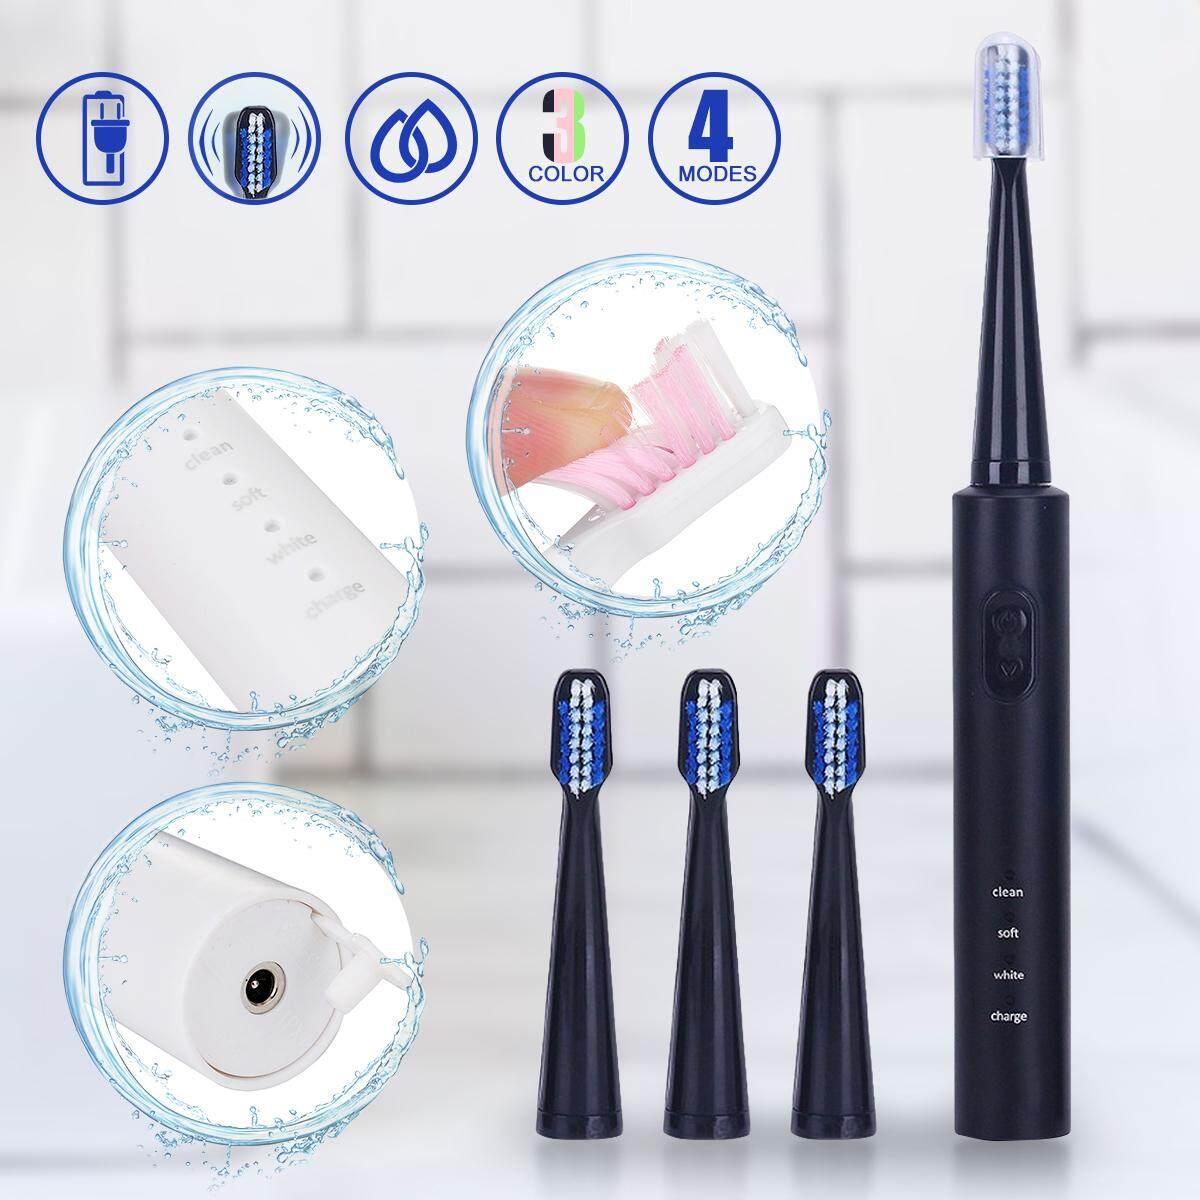 3 Mode Pembersihan Ultrasonik Isi Ulang Sikat Gigi Elektrik Gigi Bersih + 4  Kepala Hitam- 8cd05fa752